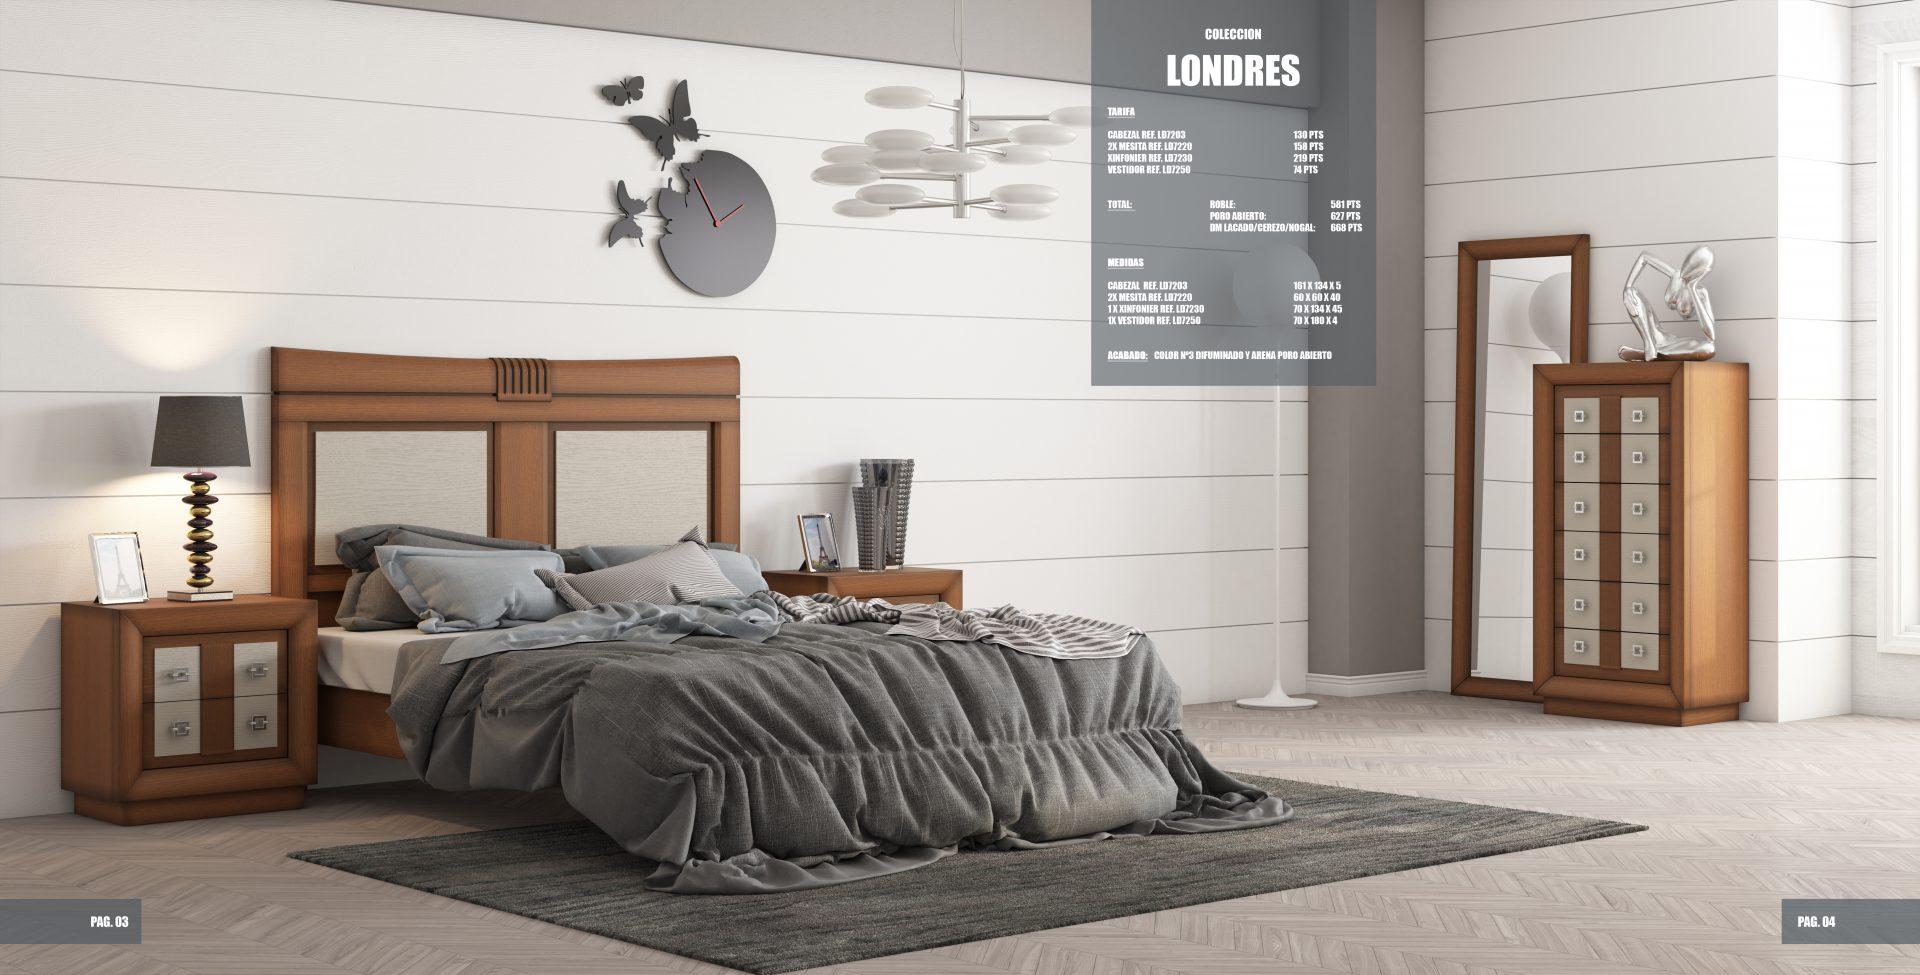 Dormitorios cl sicos en valladolid tienda de muebles - Muebles juveniles valladolid ...